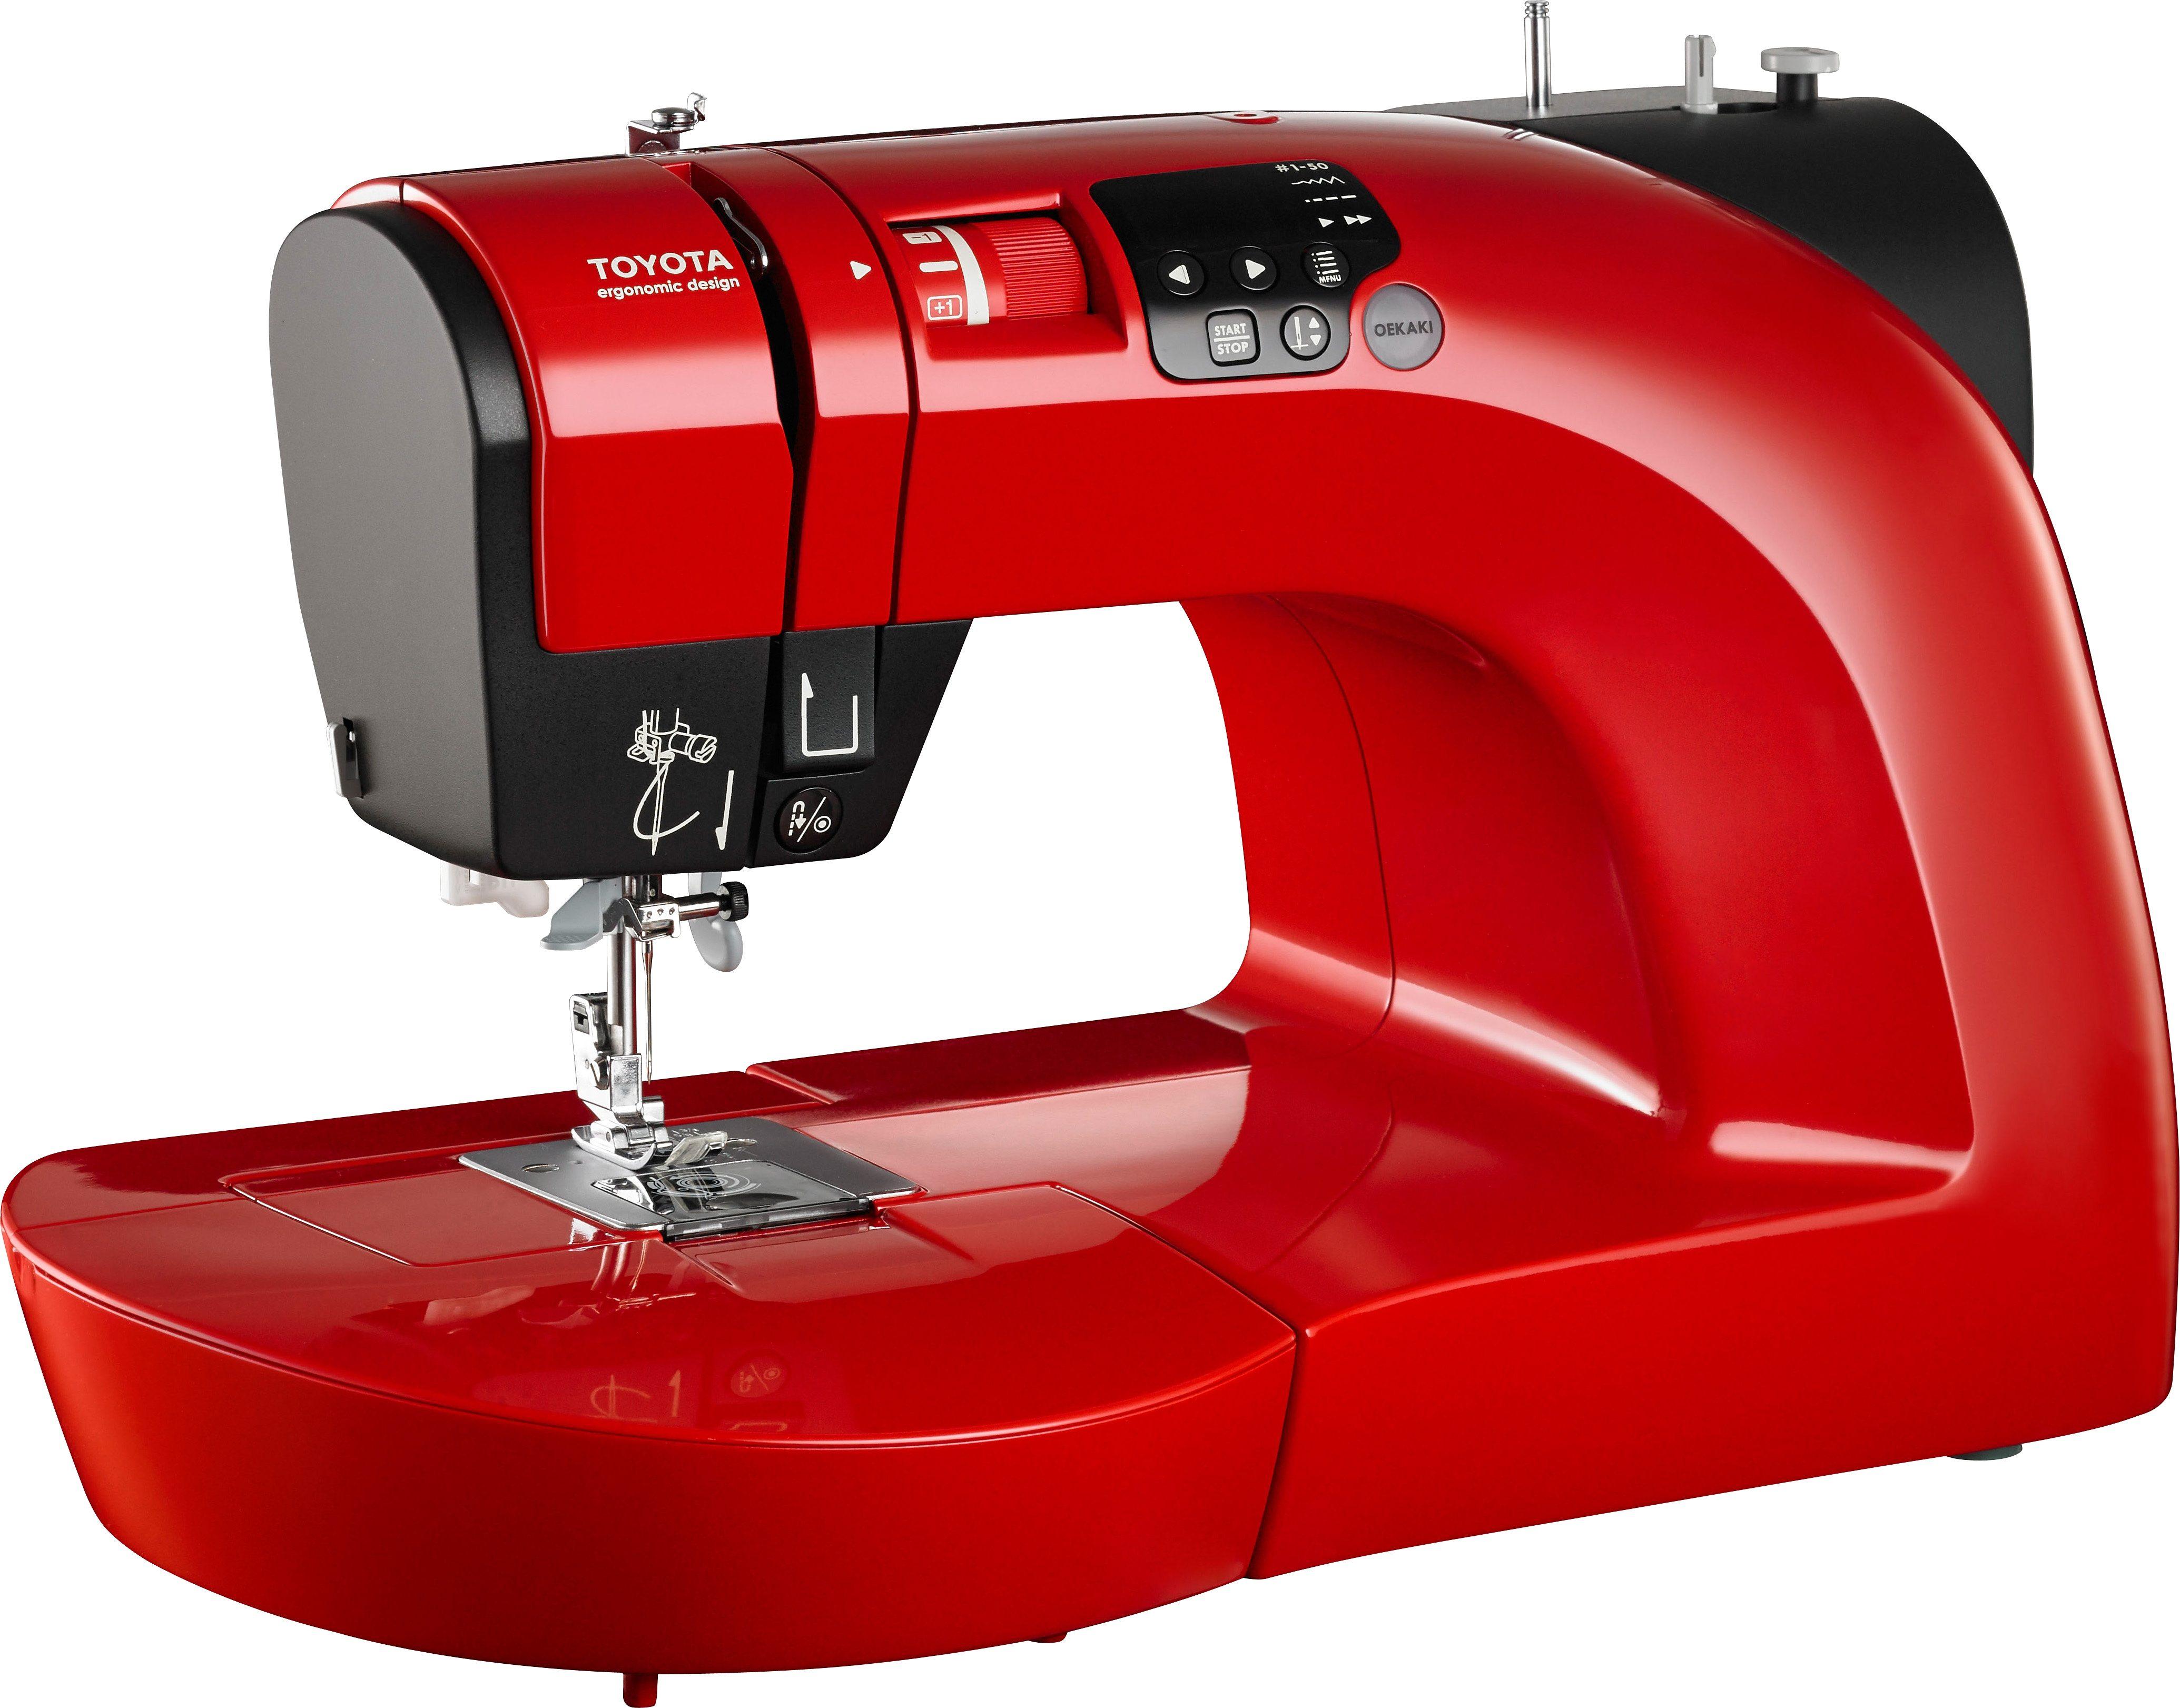 TOYOTA Nähmaschine 50R, 50 Nähprogramme | Flur & Diele > Haushaltsgeräte > Strick und Nähmaschinen | Rot | TOYOTA